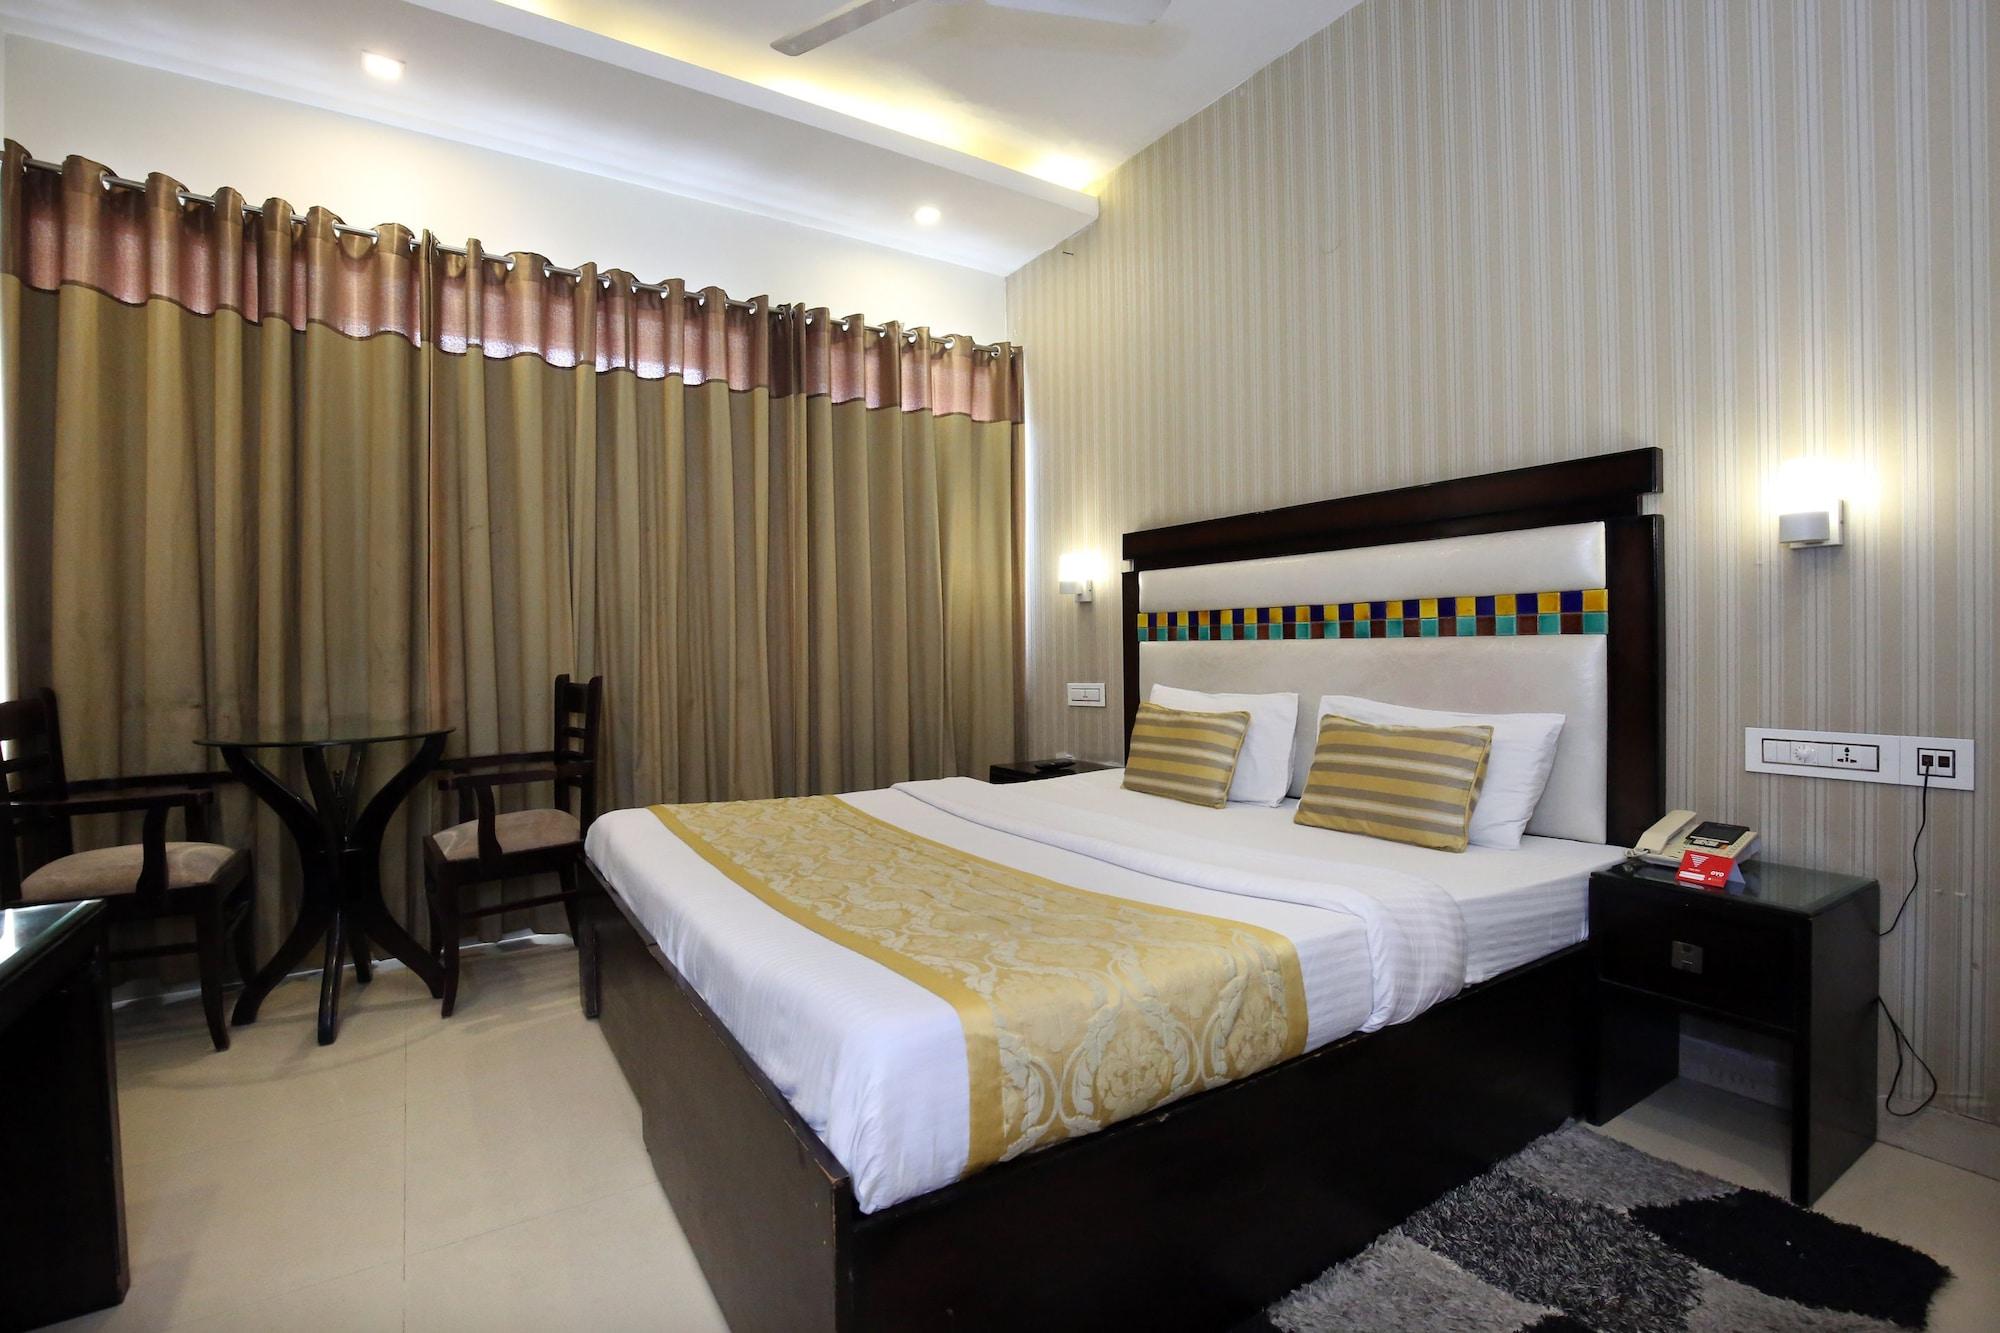 Hotel E hteen, Chandigarh